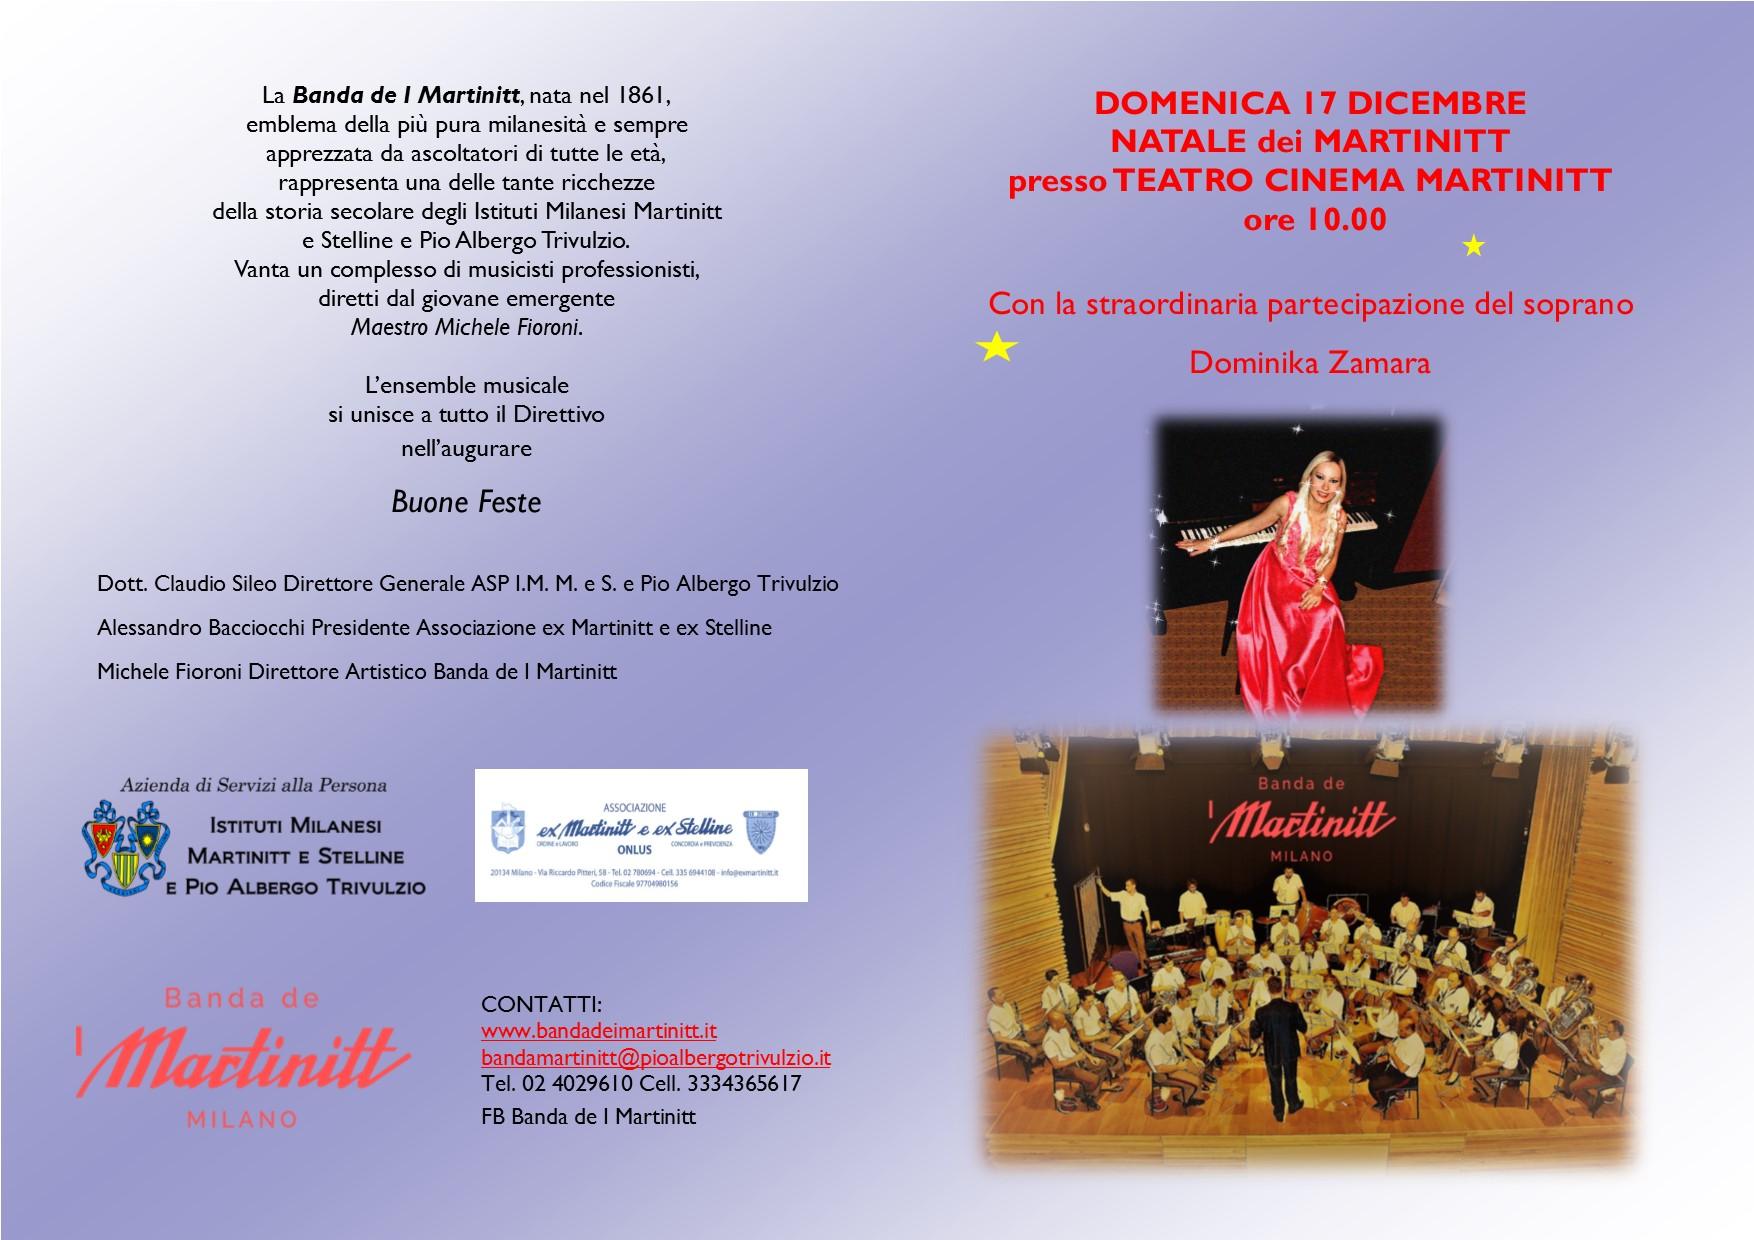 Festa di Natale delle comunità dei Martinitt e delle Stelline